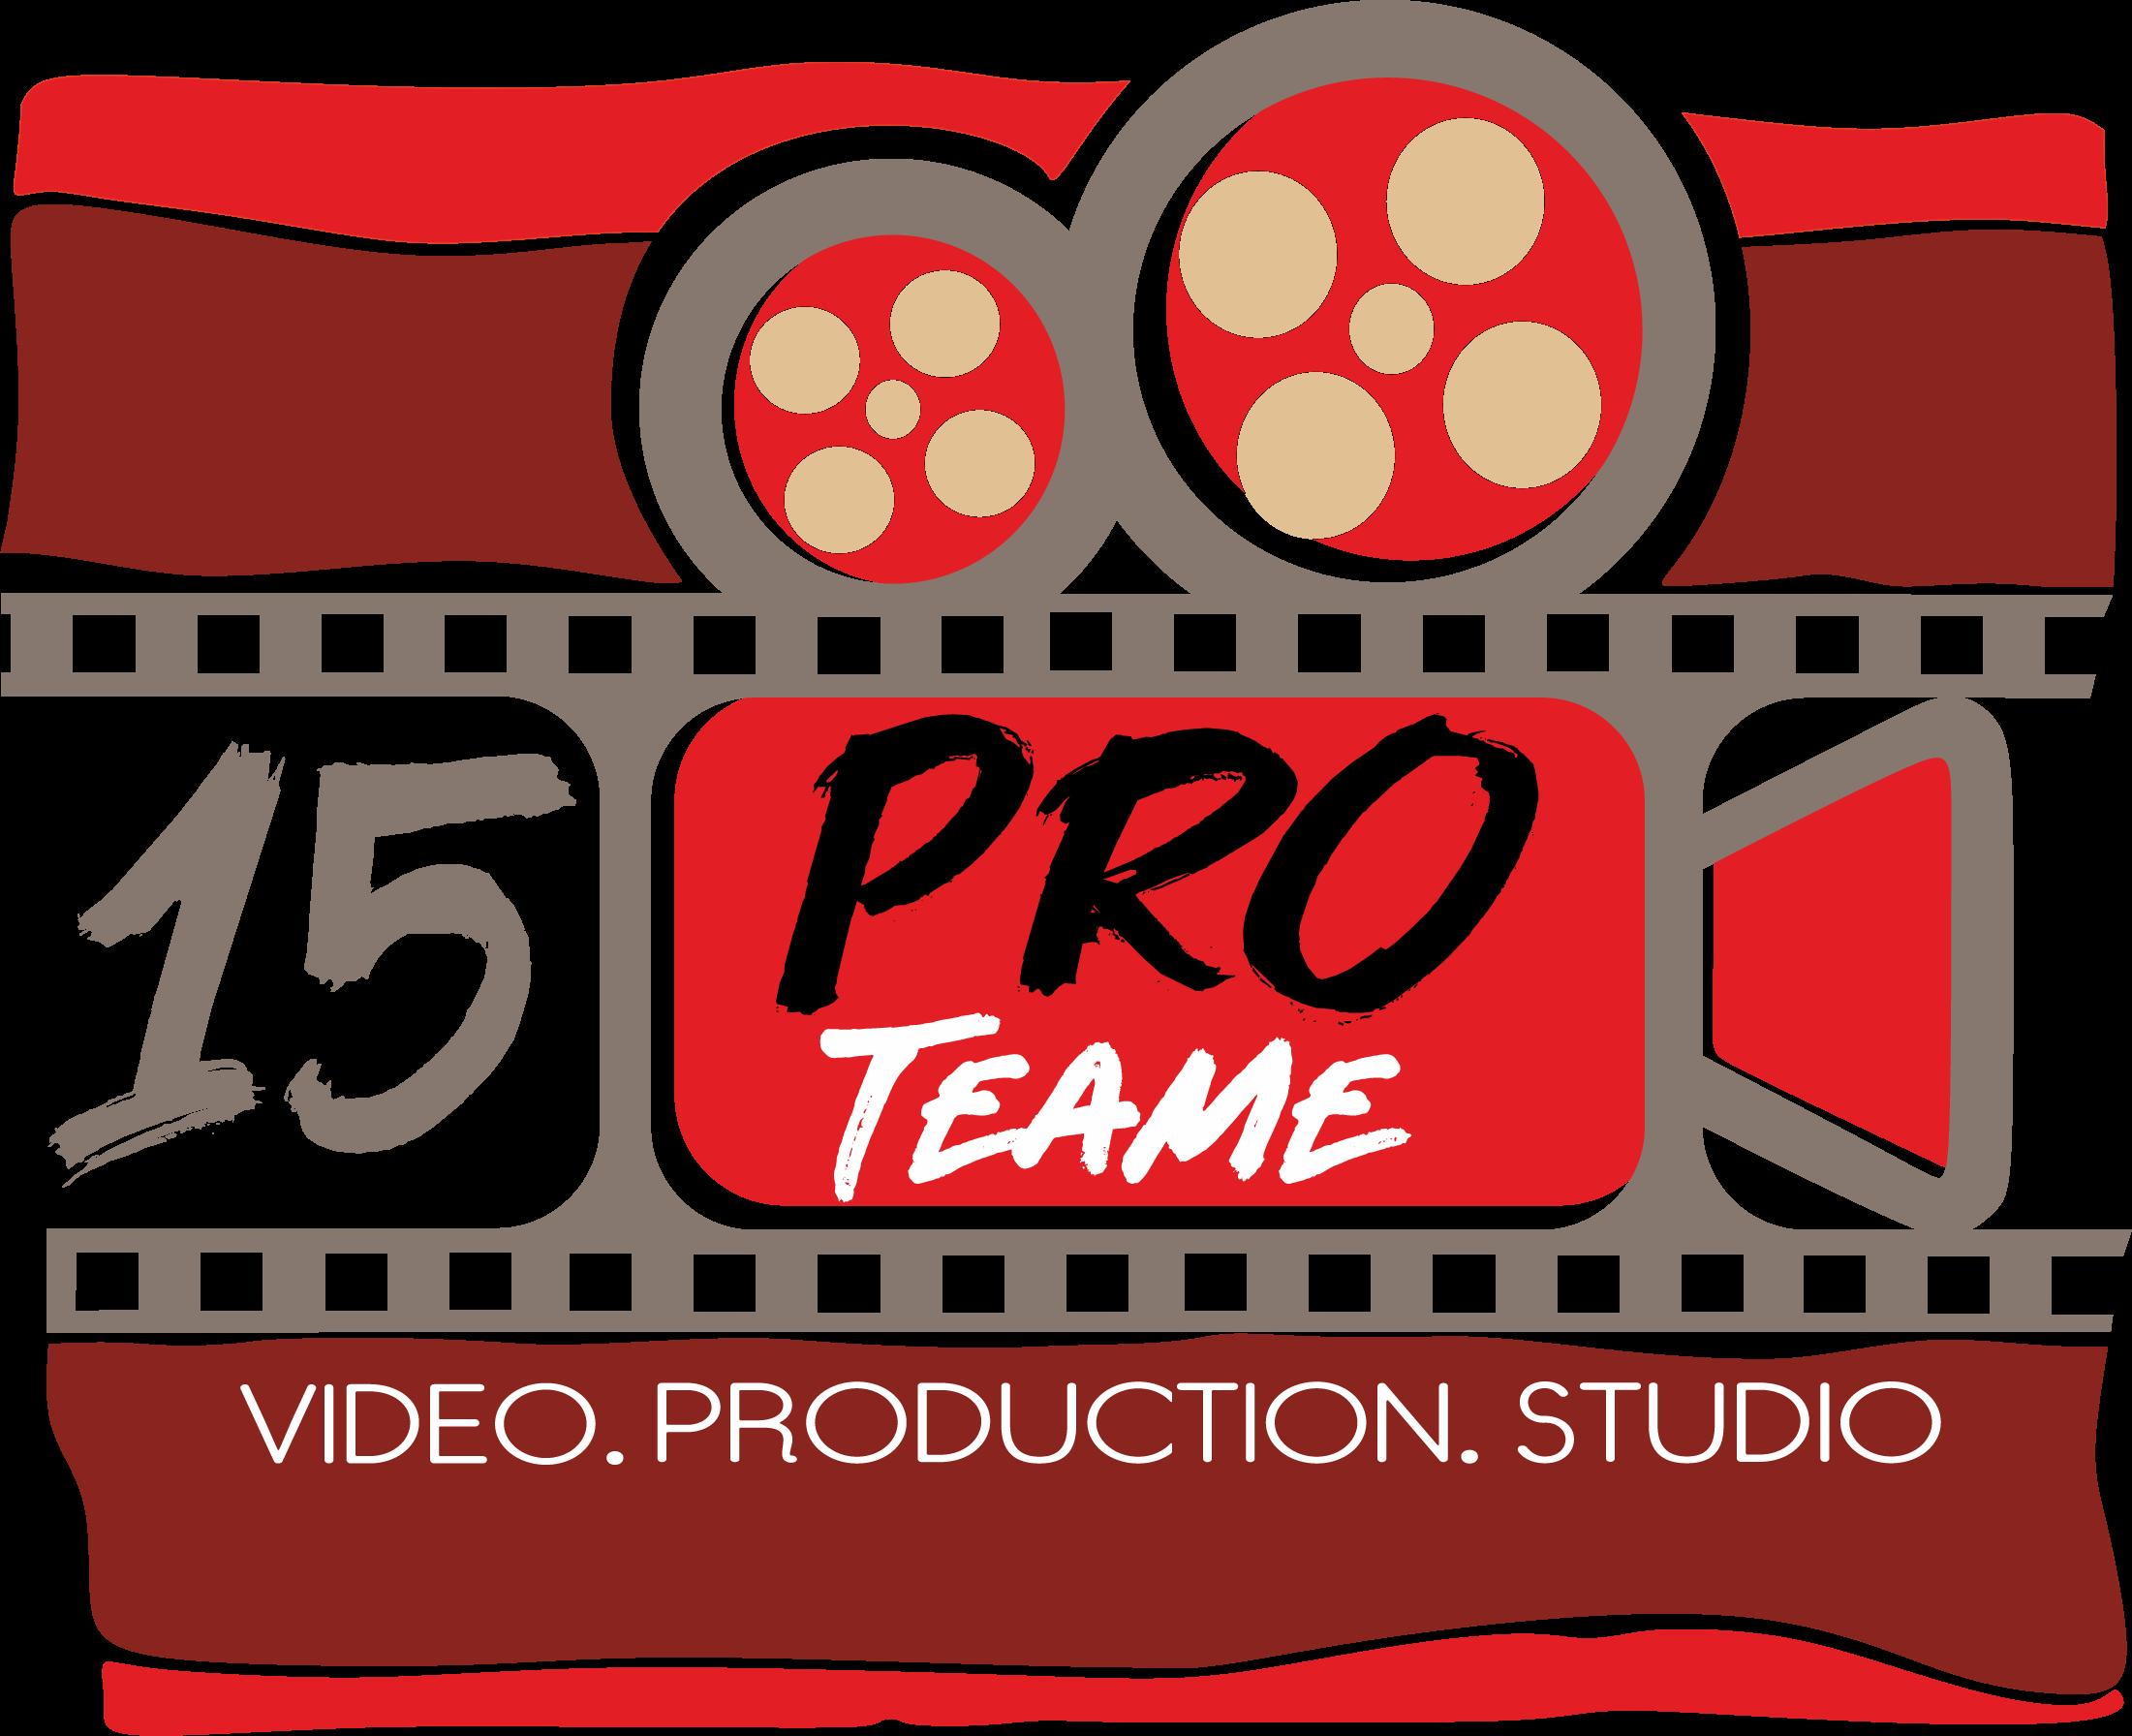 15PRO_Team - Создаем видео-рекламу, видео-обзоры, промо, креативы в Тамбове